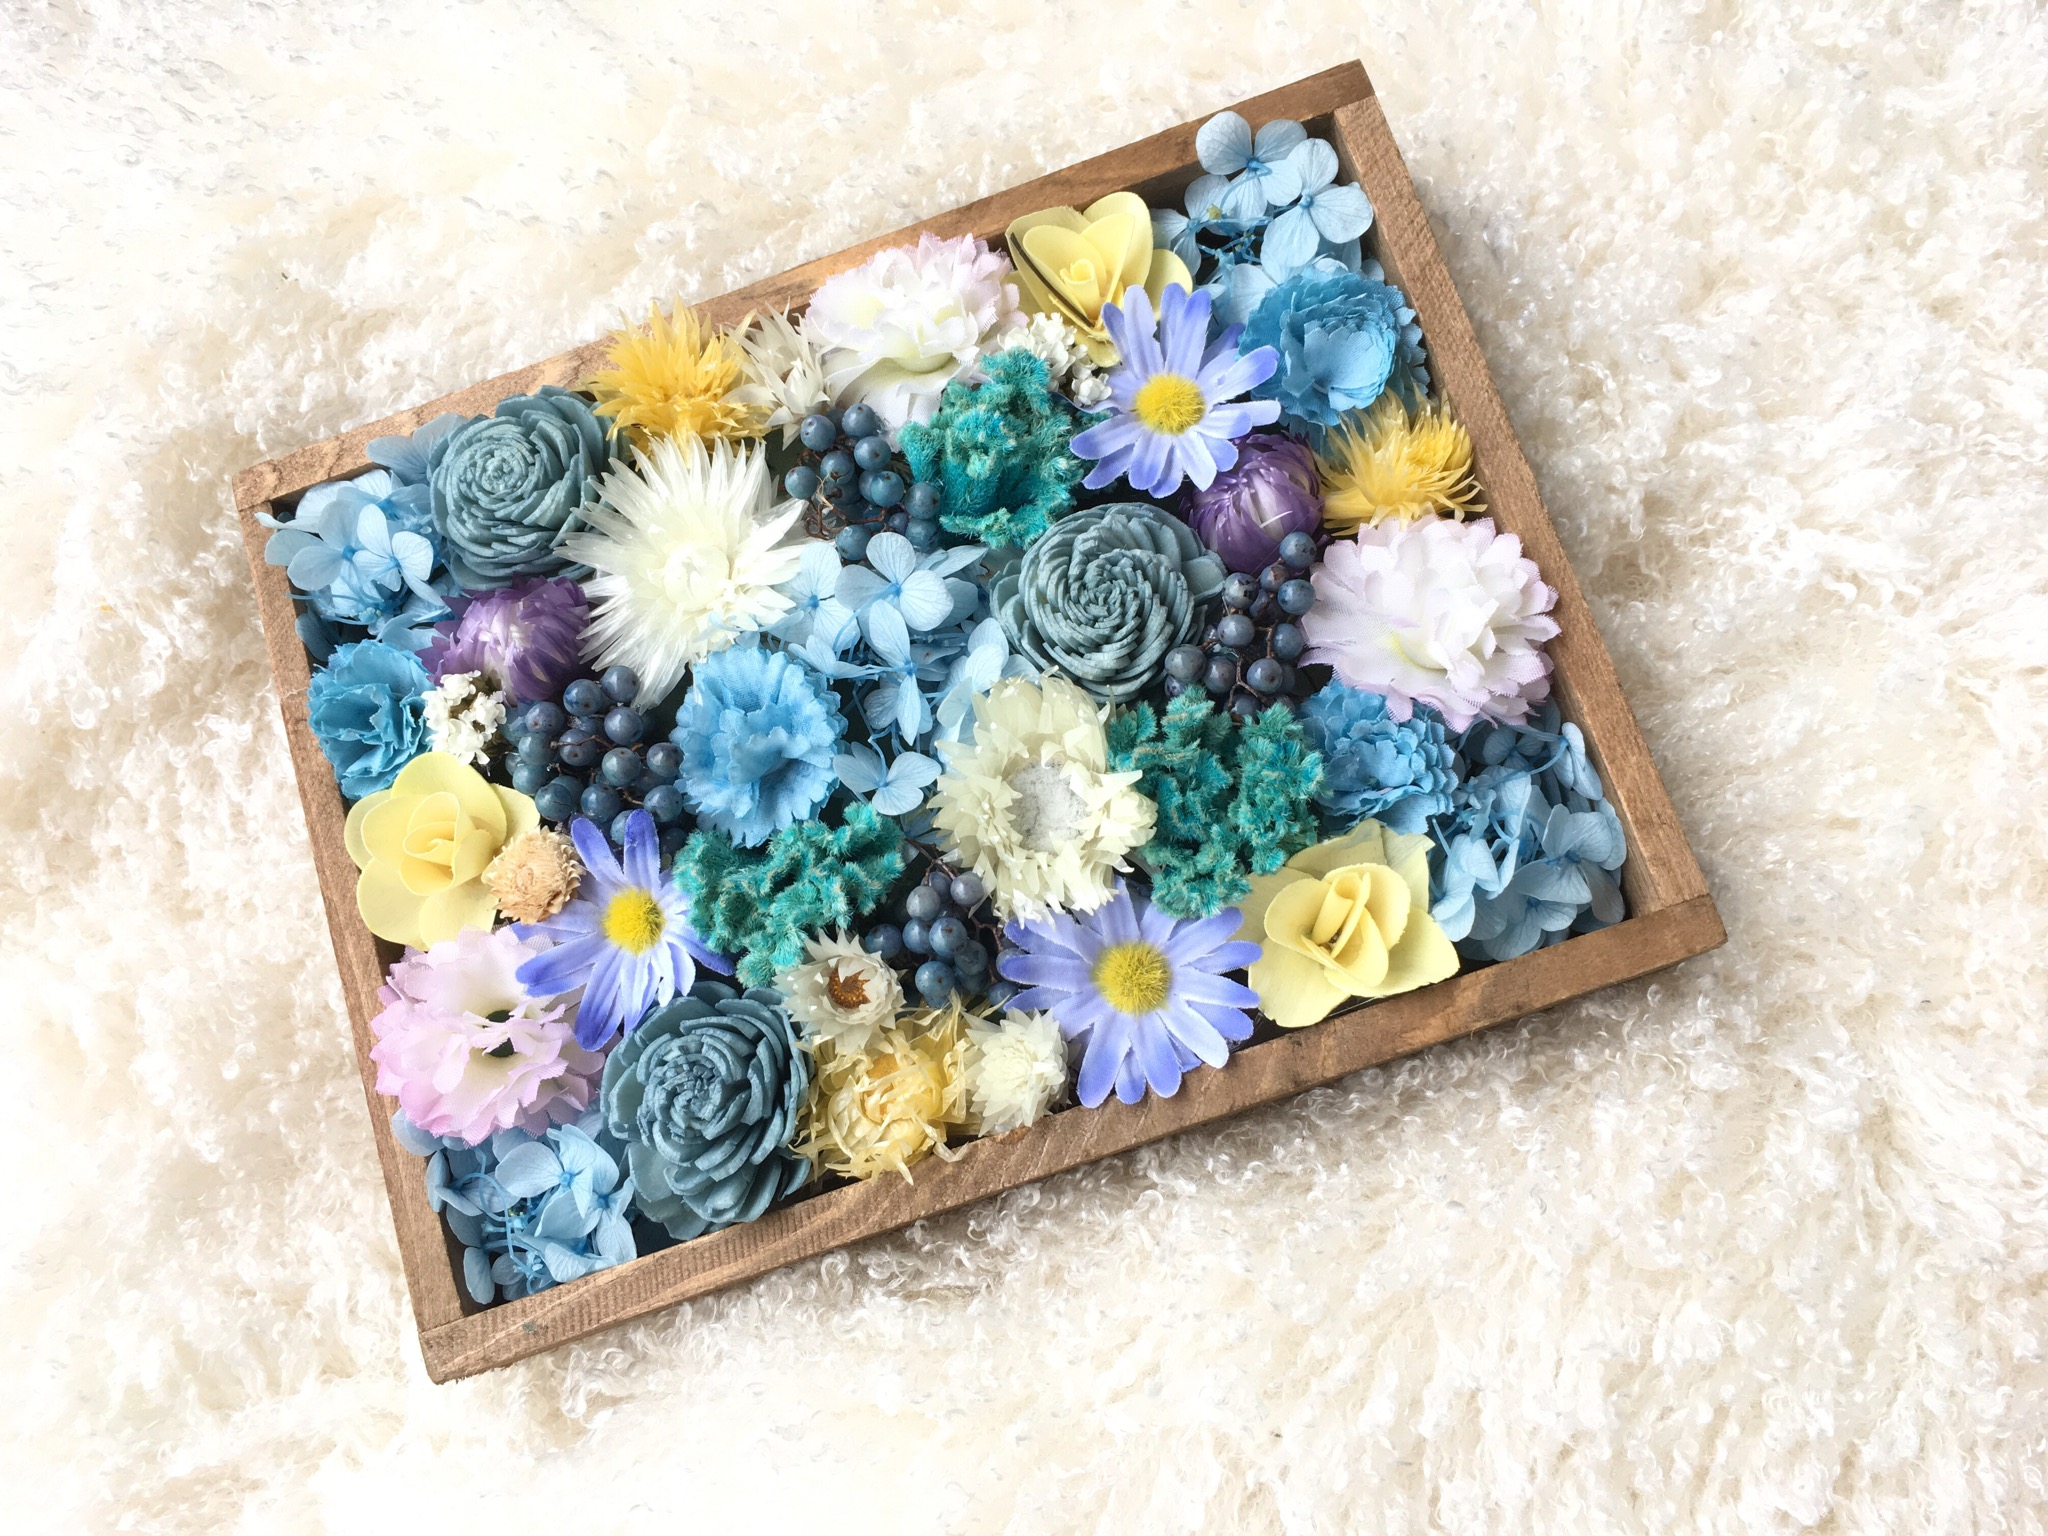 新潟市のフラワーショップ お気に入りのお花屋さんはらいおん堂にお越しください